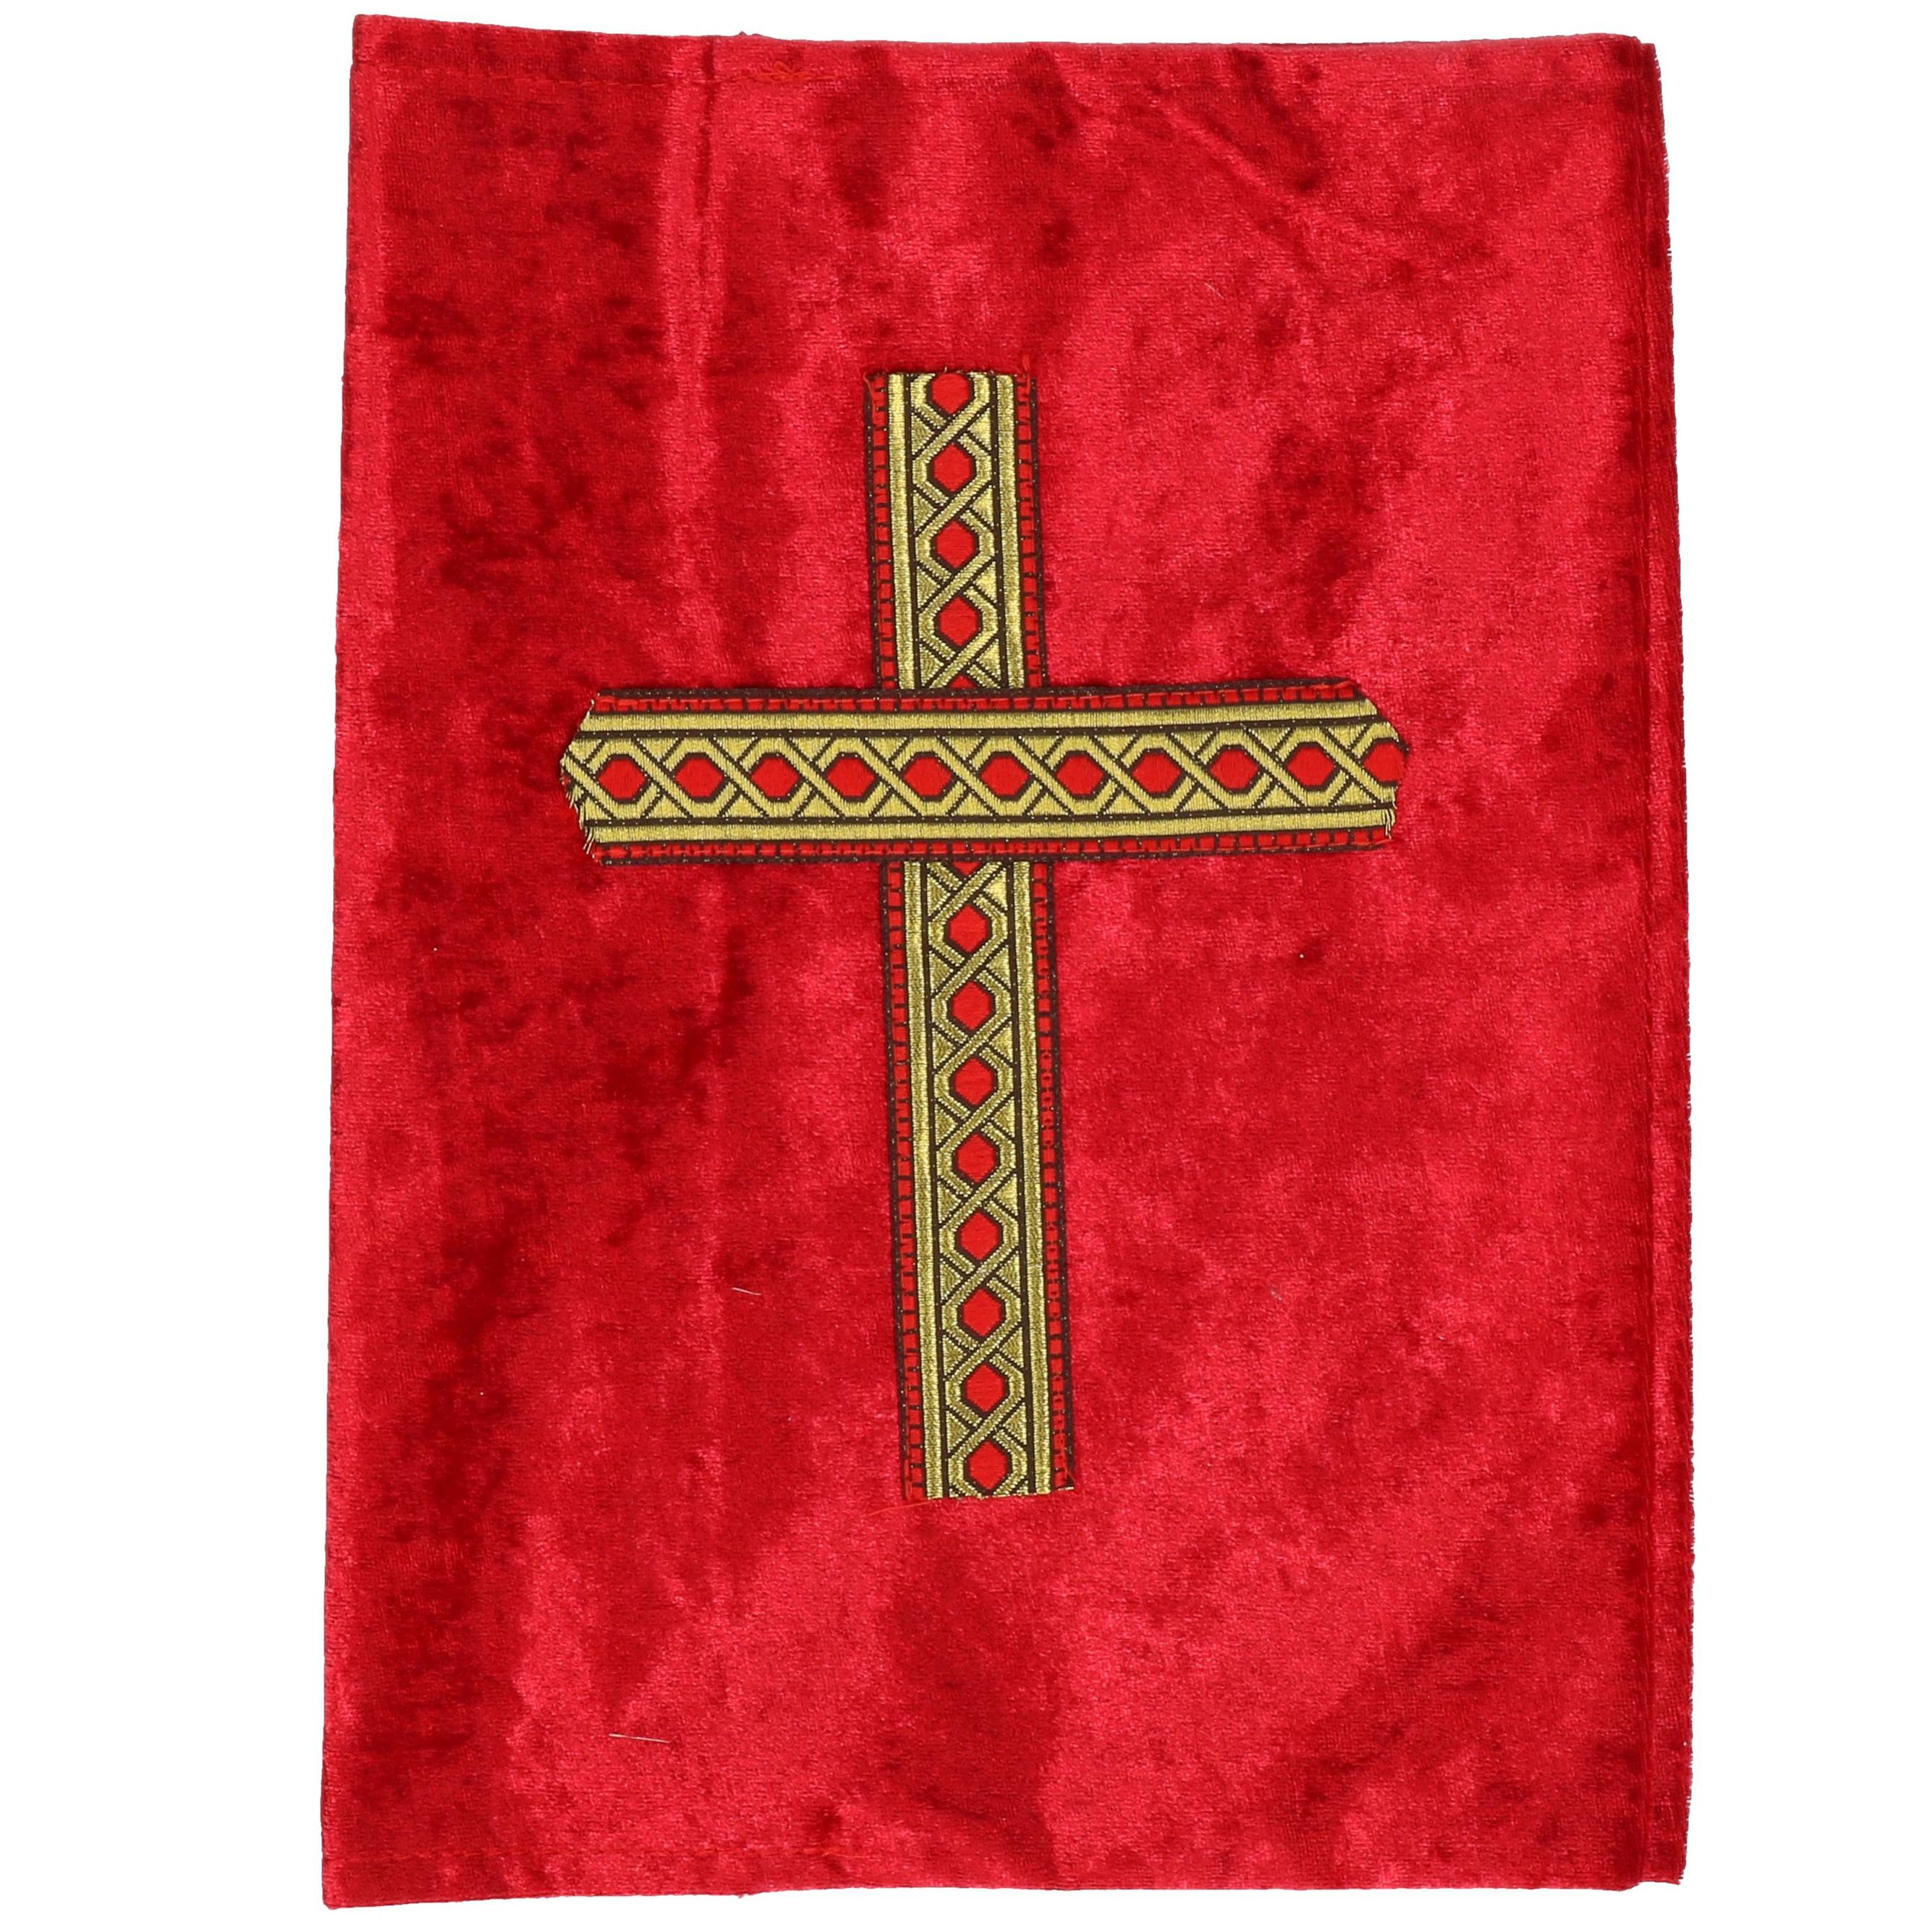 Voordelige bookomslag Sinterklaas thumbnail